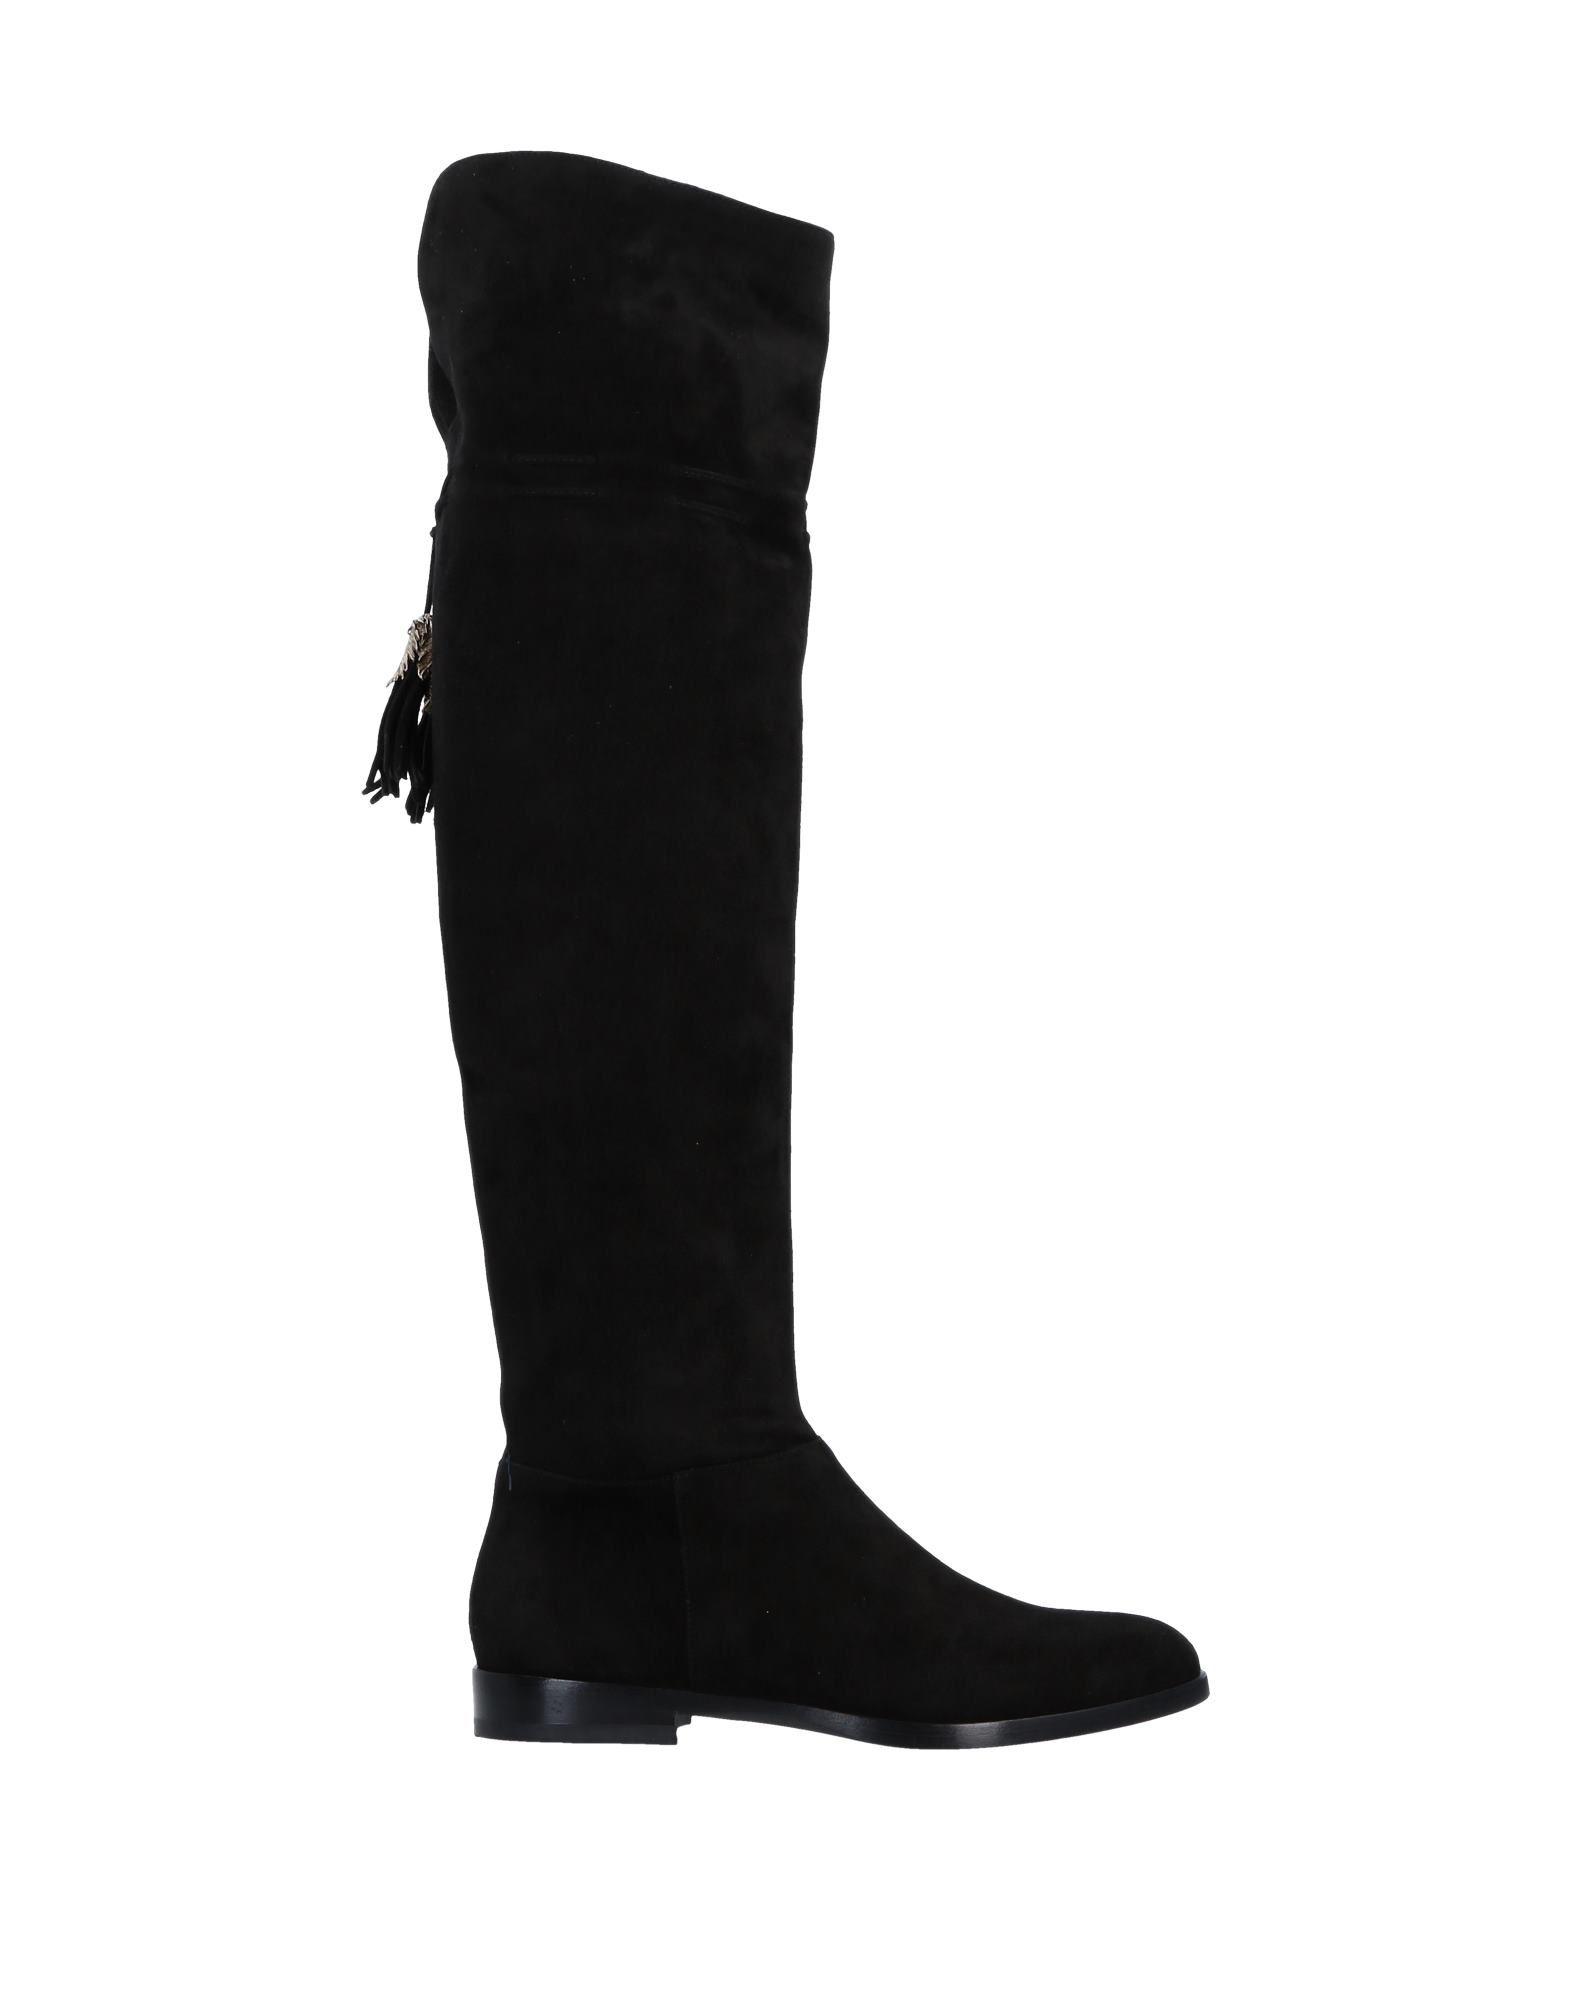 LE SILLA Сапоги le royal кружева моды на высоких каблуках непромокаемые сапоги воды обувь g003 белый 39 ярдов